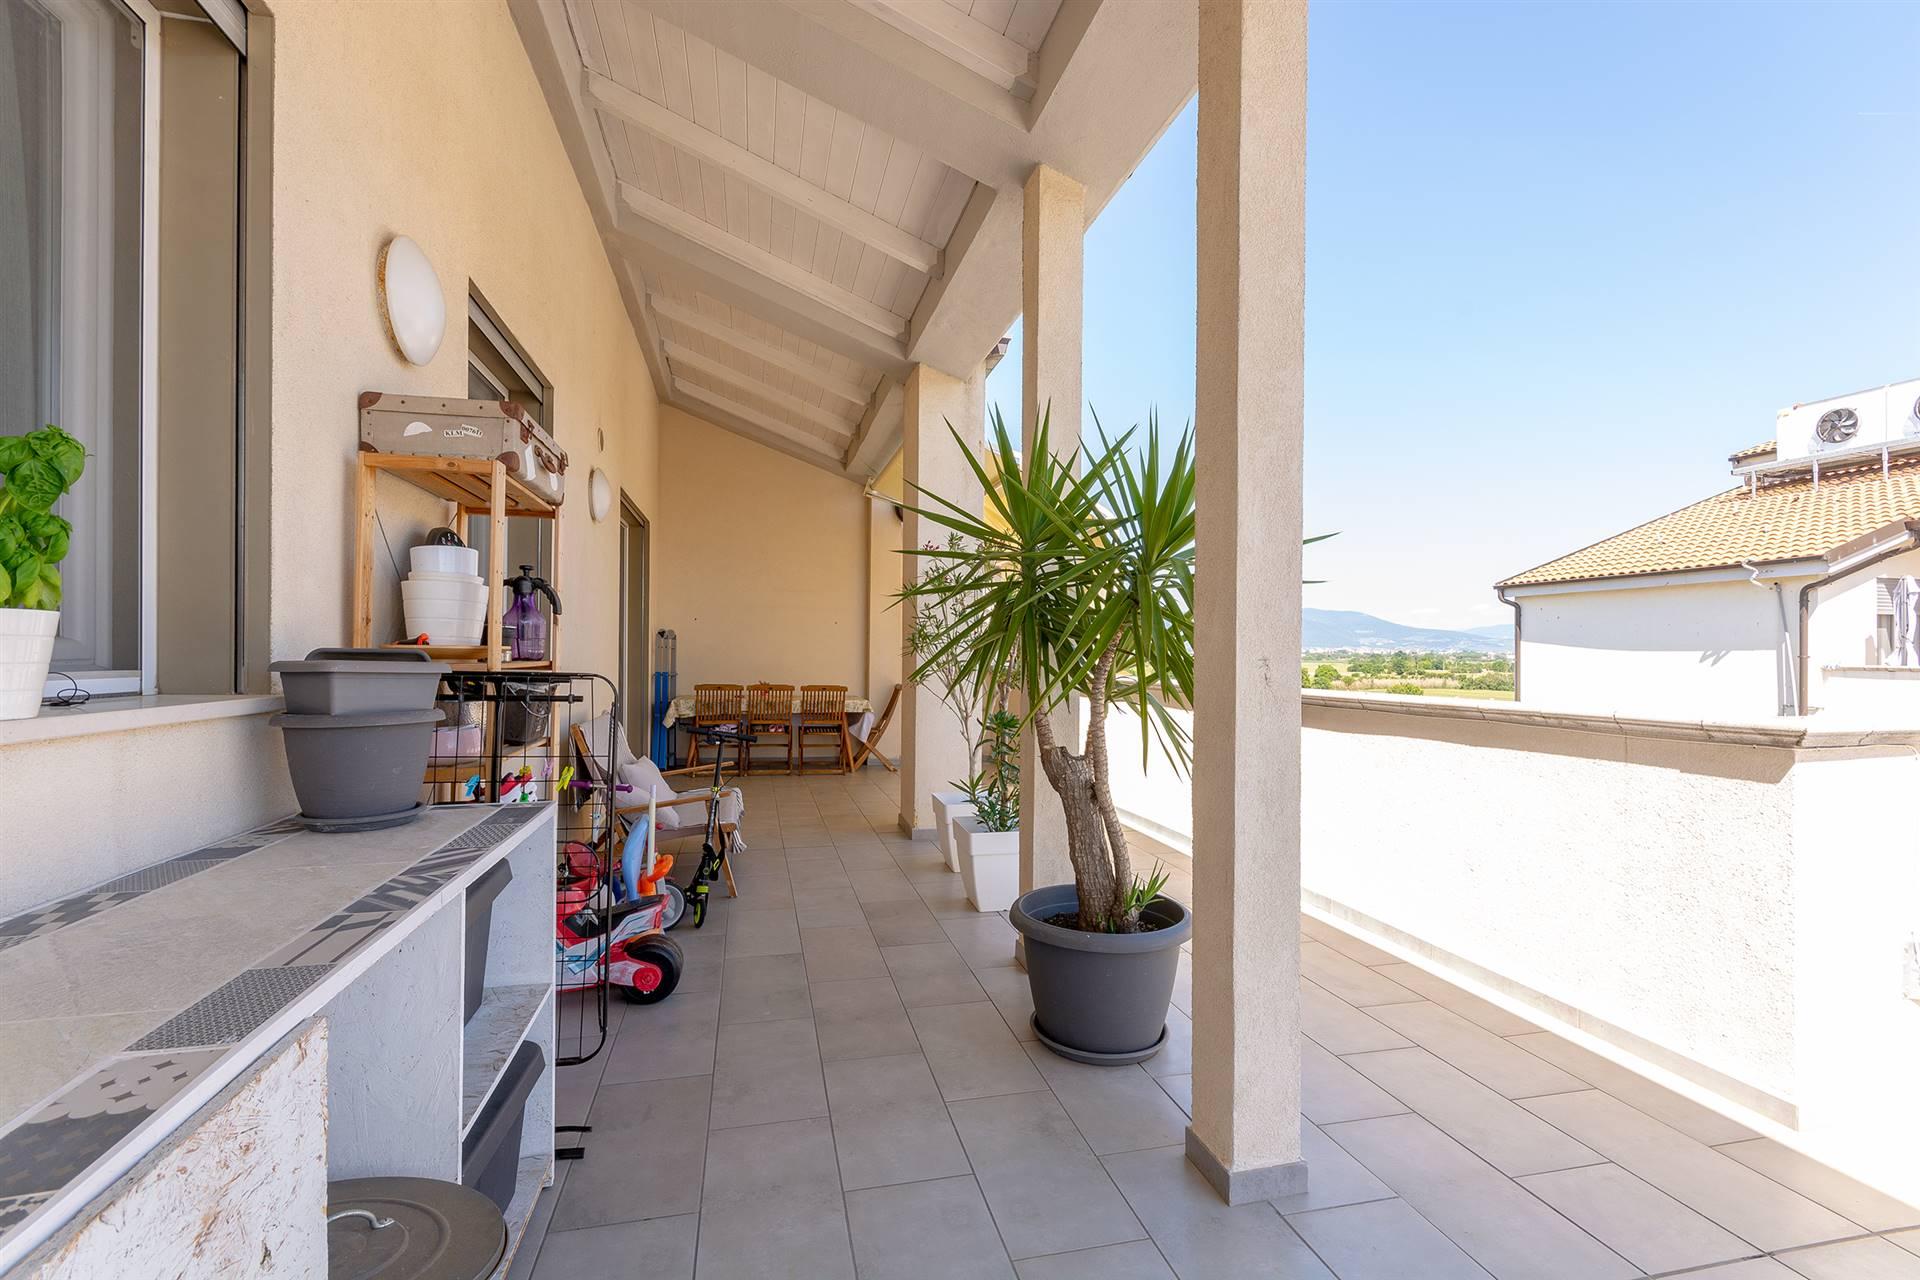 Appartamento in vendita a Campi Bisenzio, 4 locali, zona adonnina, prezzo € 245.000 | PortaleAgenzieImmobiliari.it